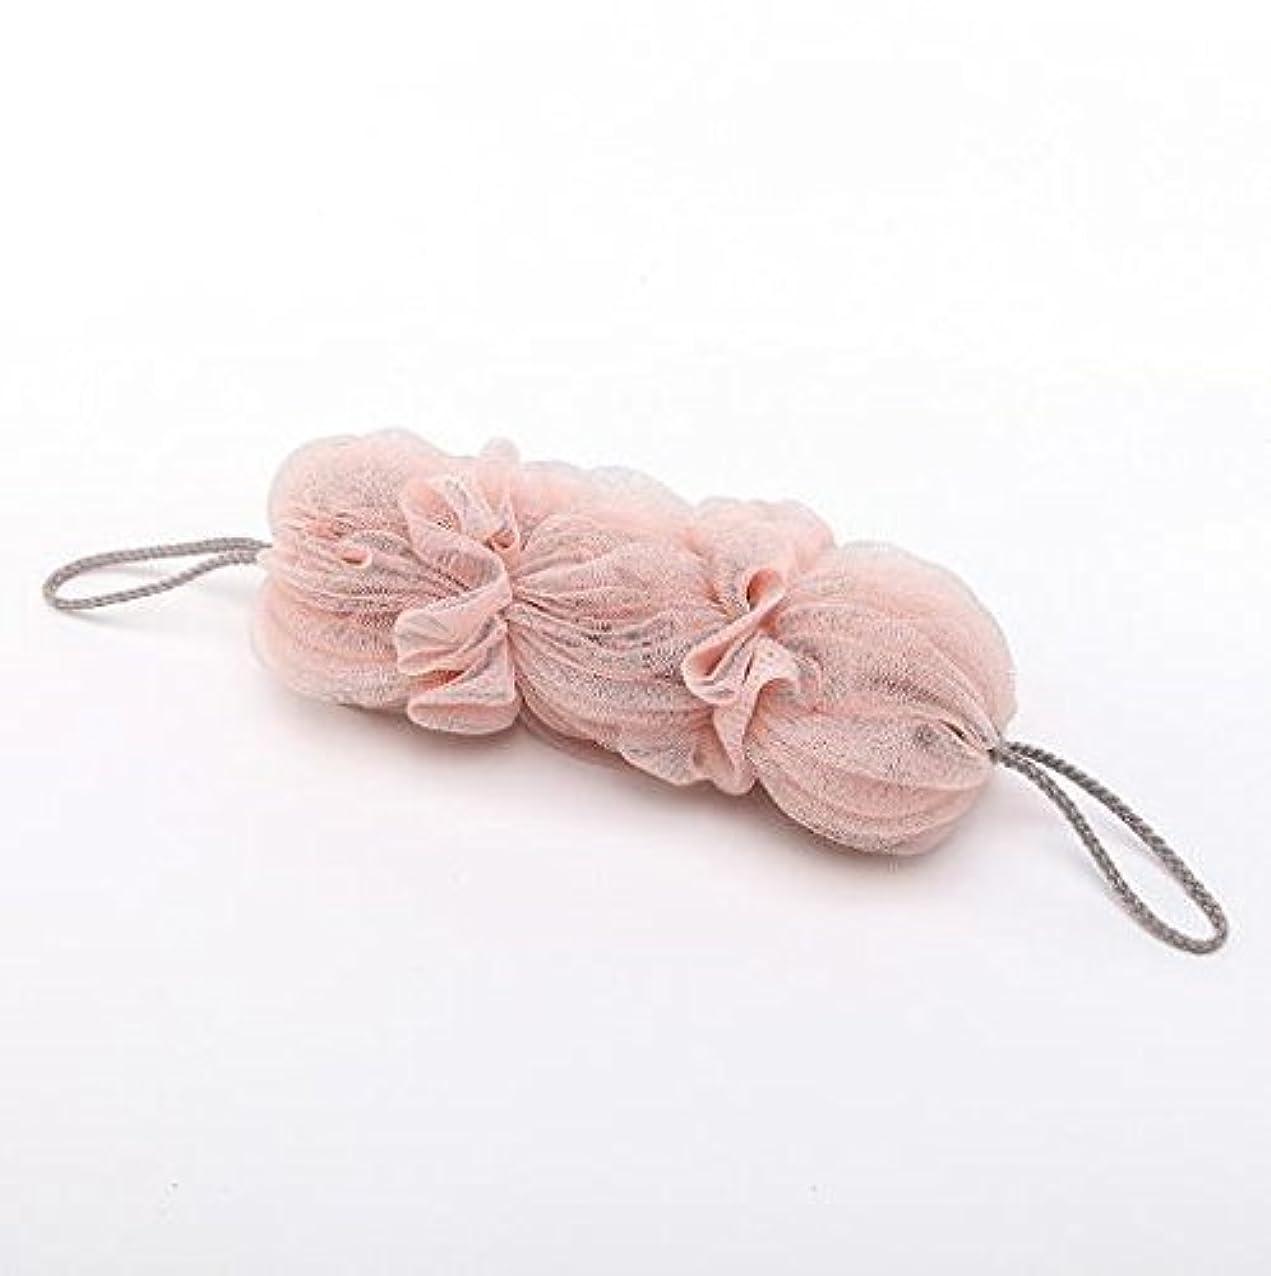 野菜芸術的電話に出るICOUCHI 紐付きボディタオル 背中も洗えるシャボン 泡立てネット 超柔軟 シャワー用 細かいネット 柔らかい泡立てネット